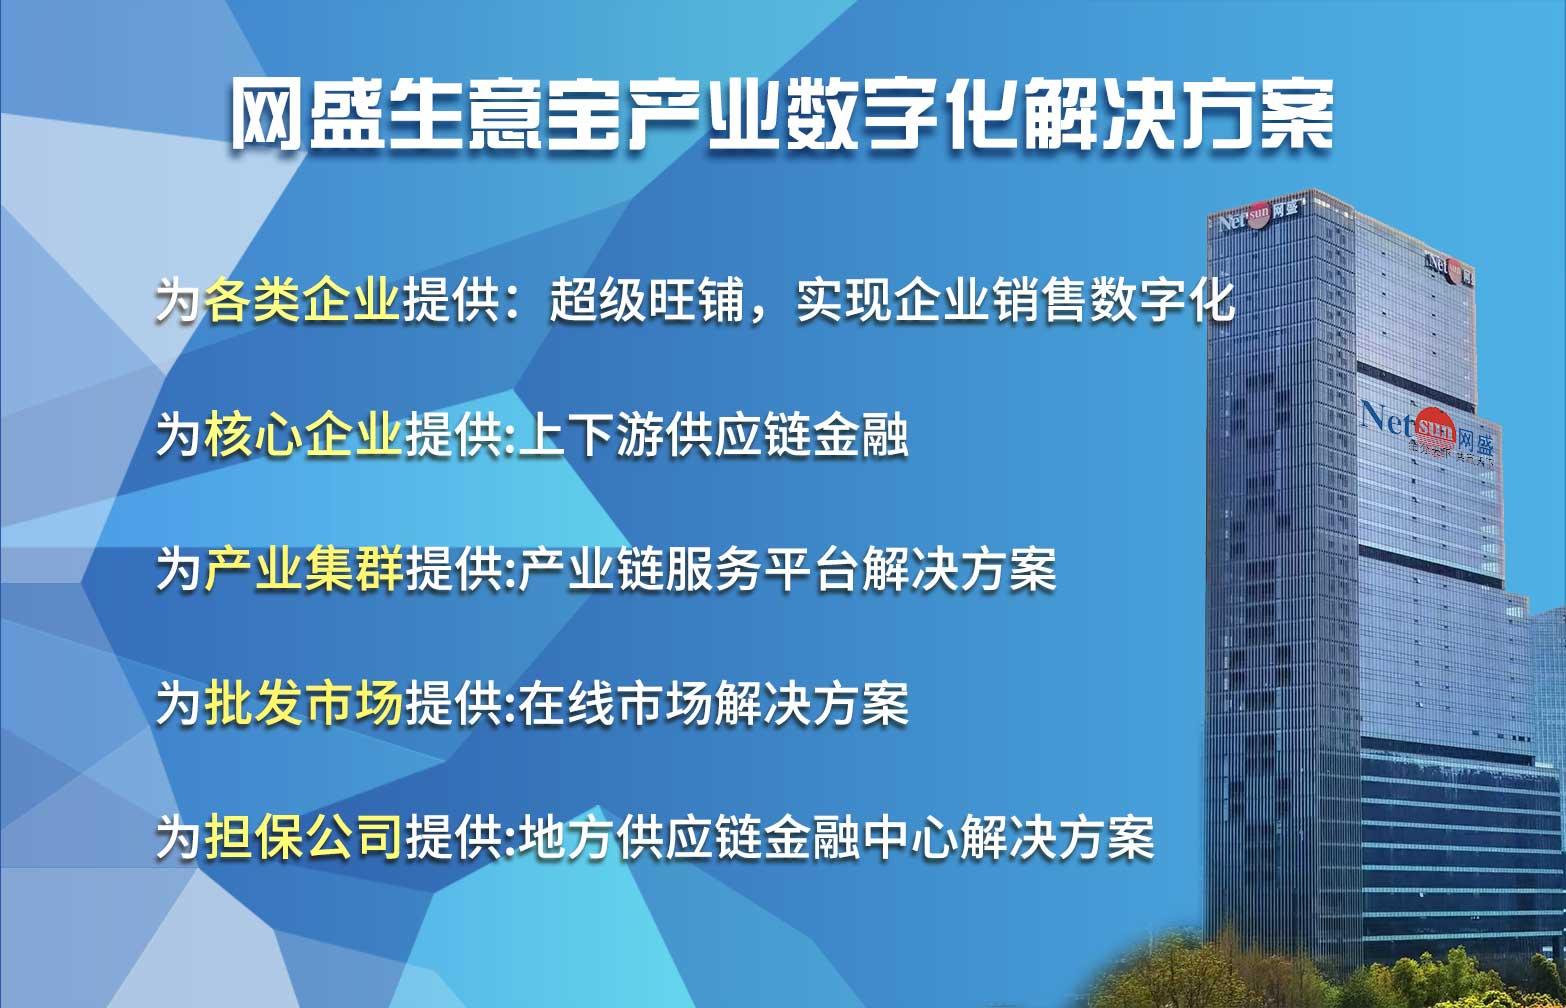 网盛生意宝产业数字化解决方案2(2).jpg